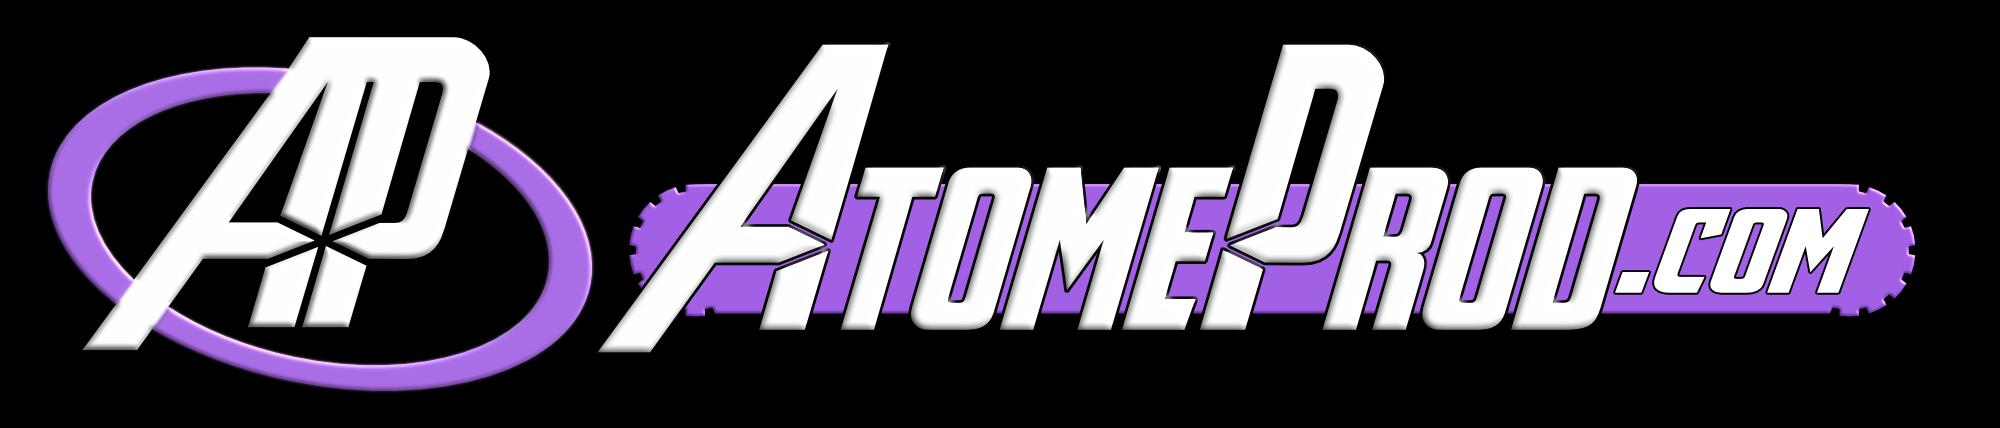 www.AtomeProd.com